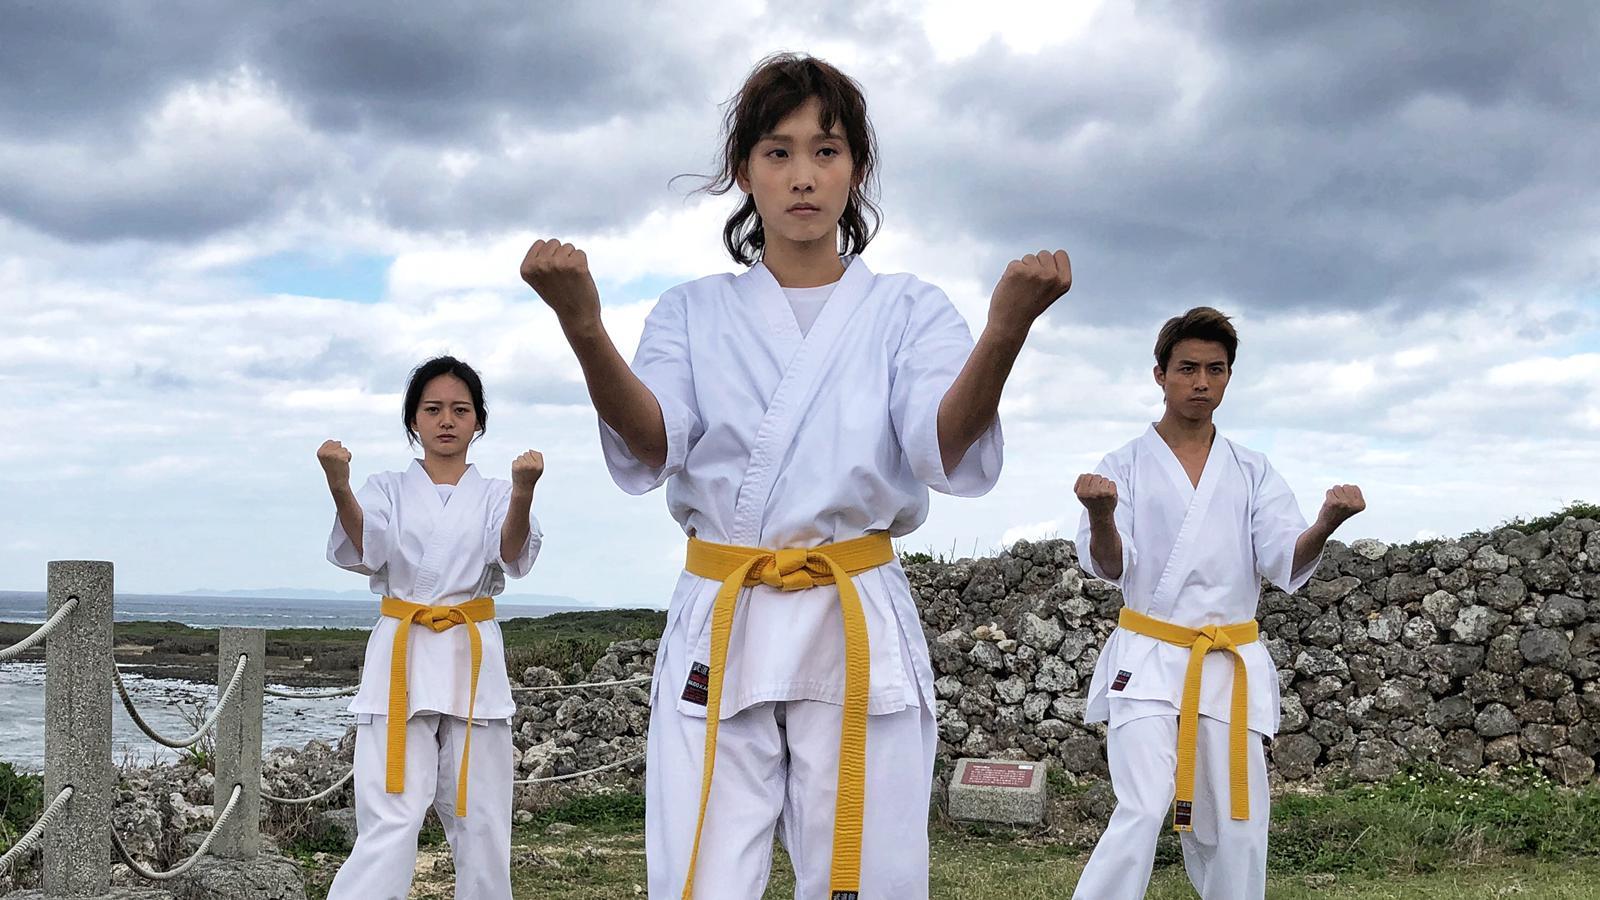 劇中阿棠三個徒弟,包括大師姐談善言、二師兄AK@MIRROR(江熚生)和小師妹內地演員葉麗娜。